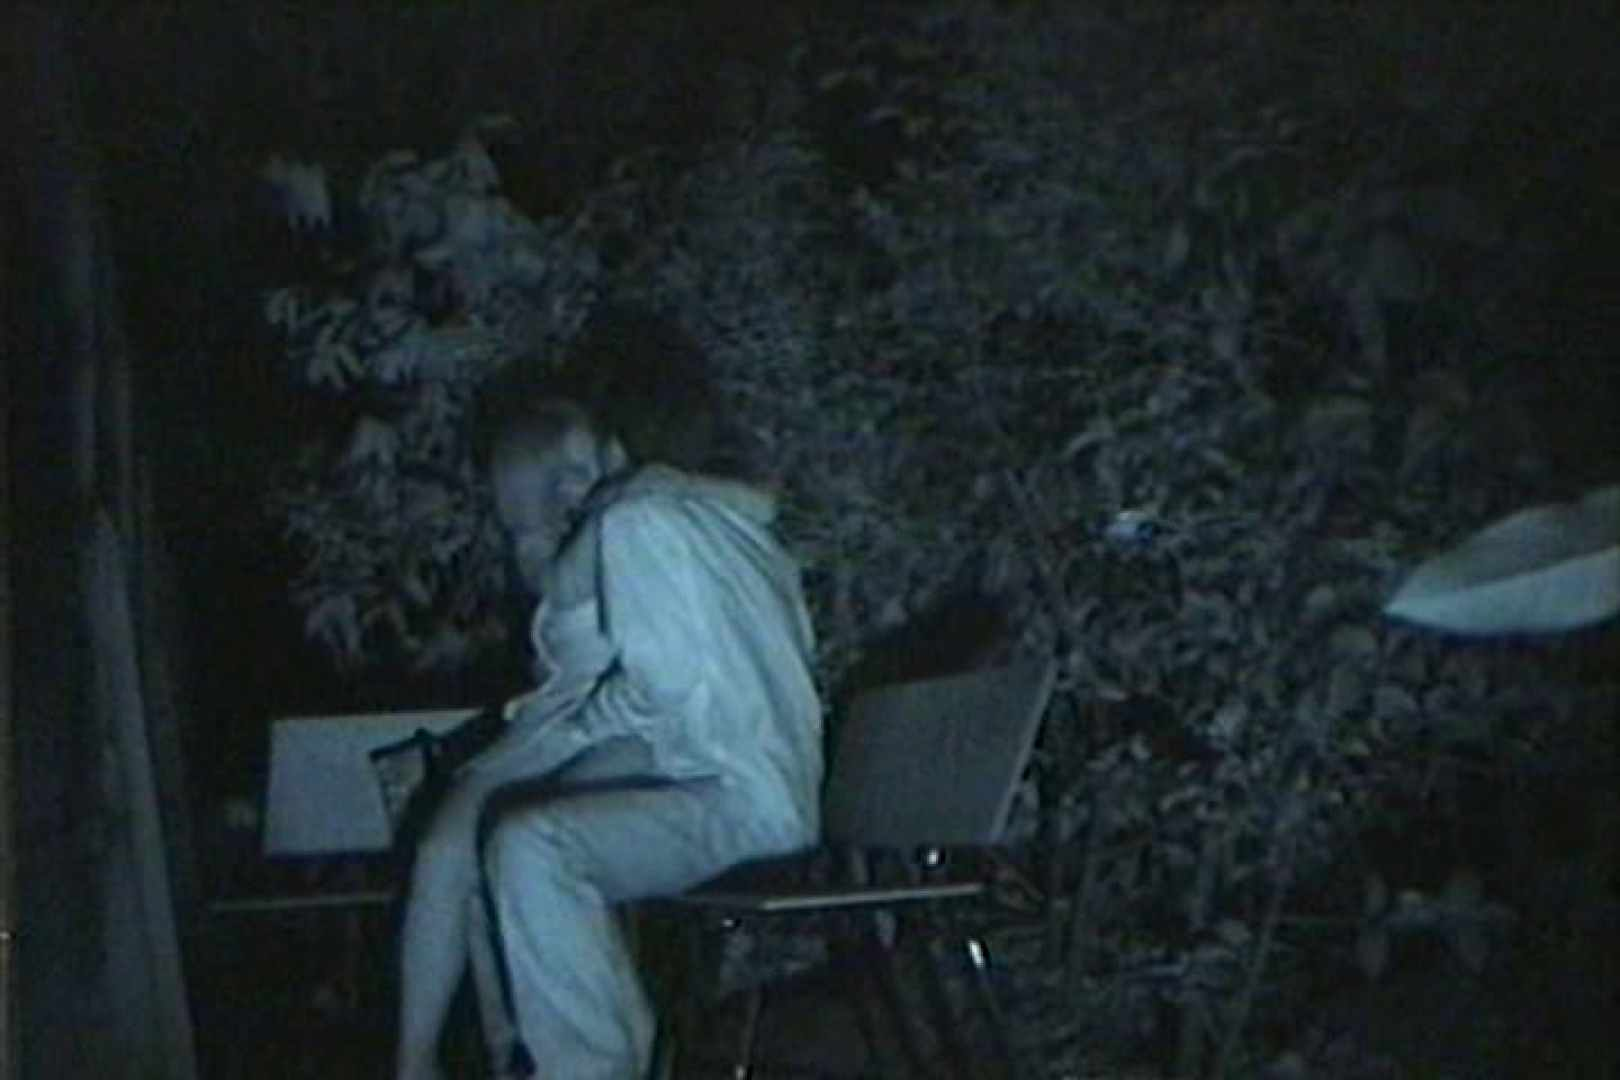 闇の仕掛け人 無修正版 Vol.24 カップル オメコ動画キャプチャ 101pic 92